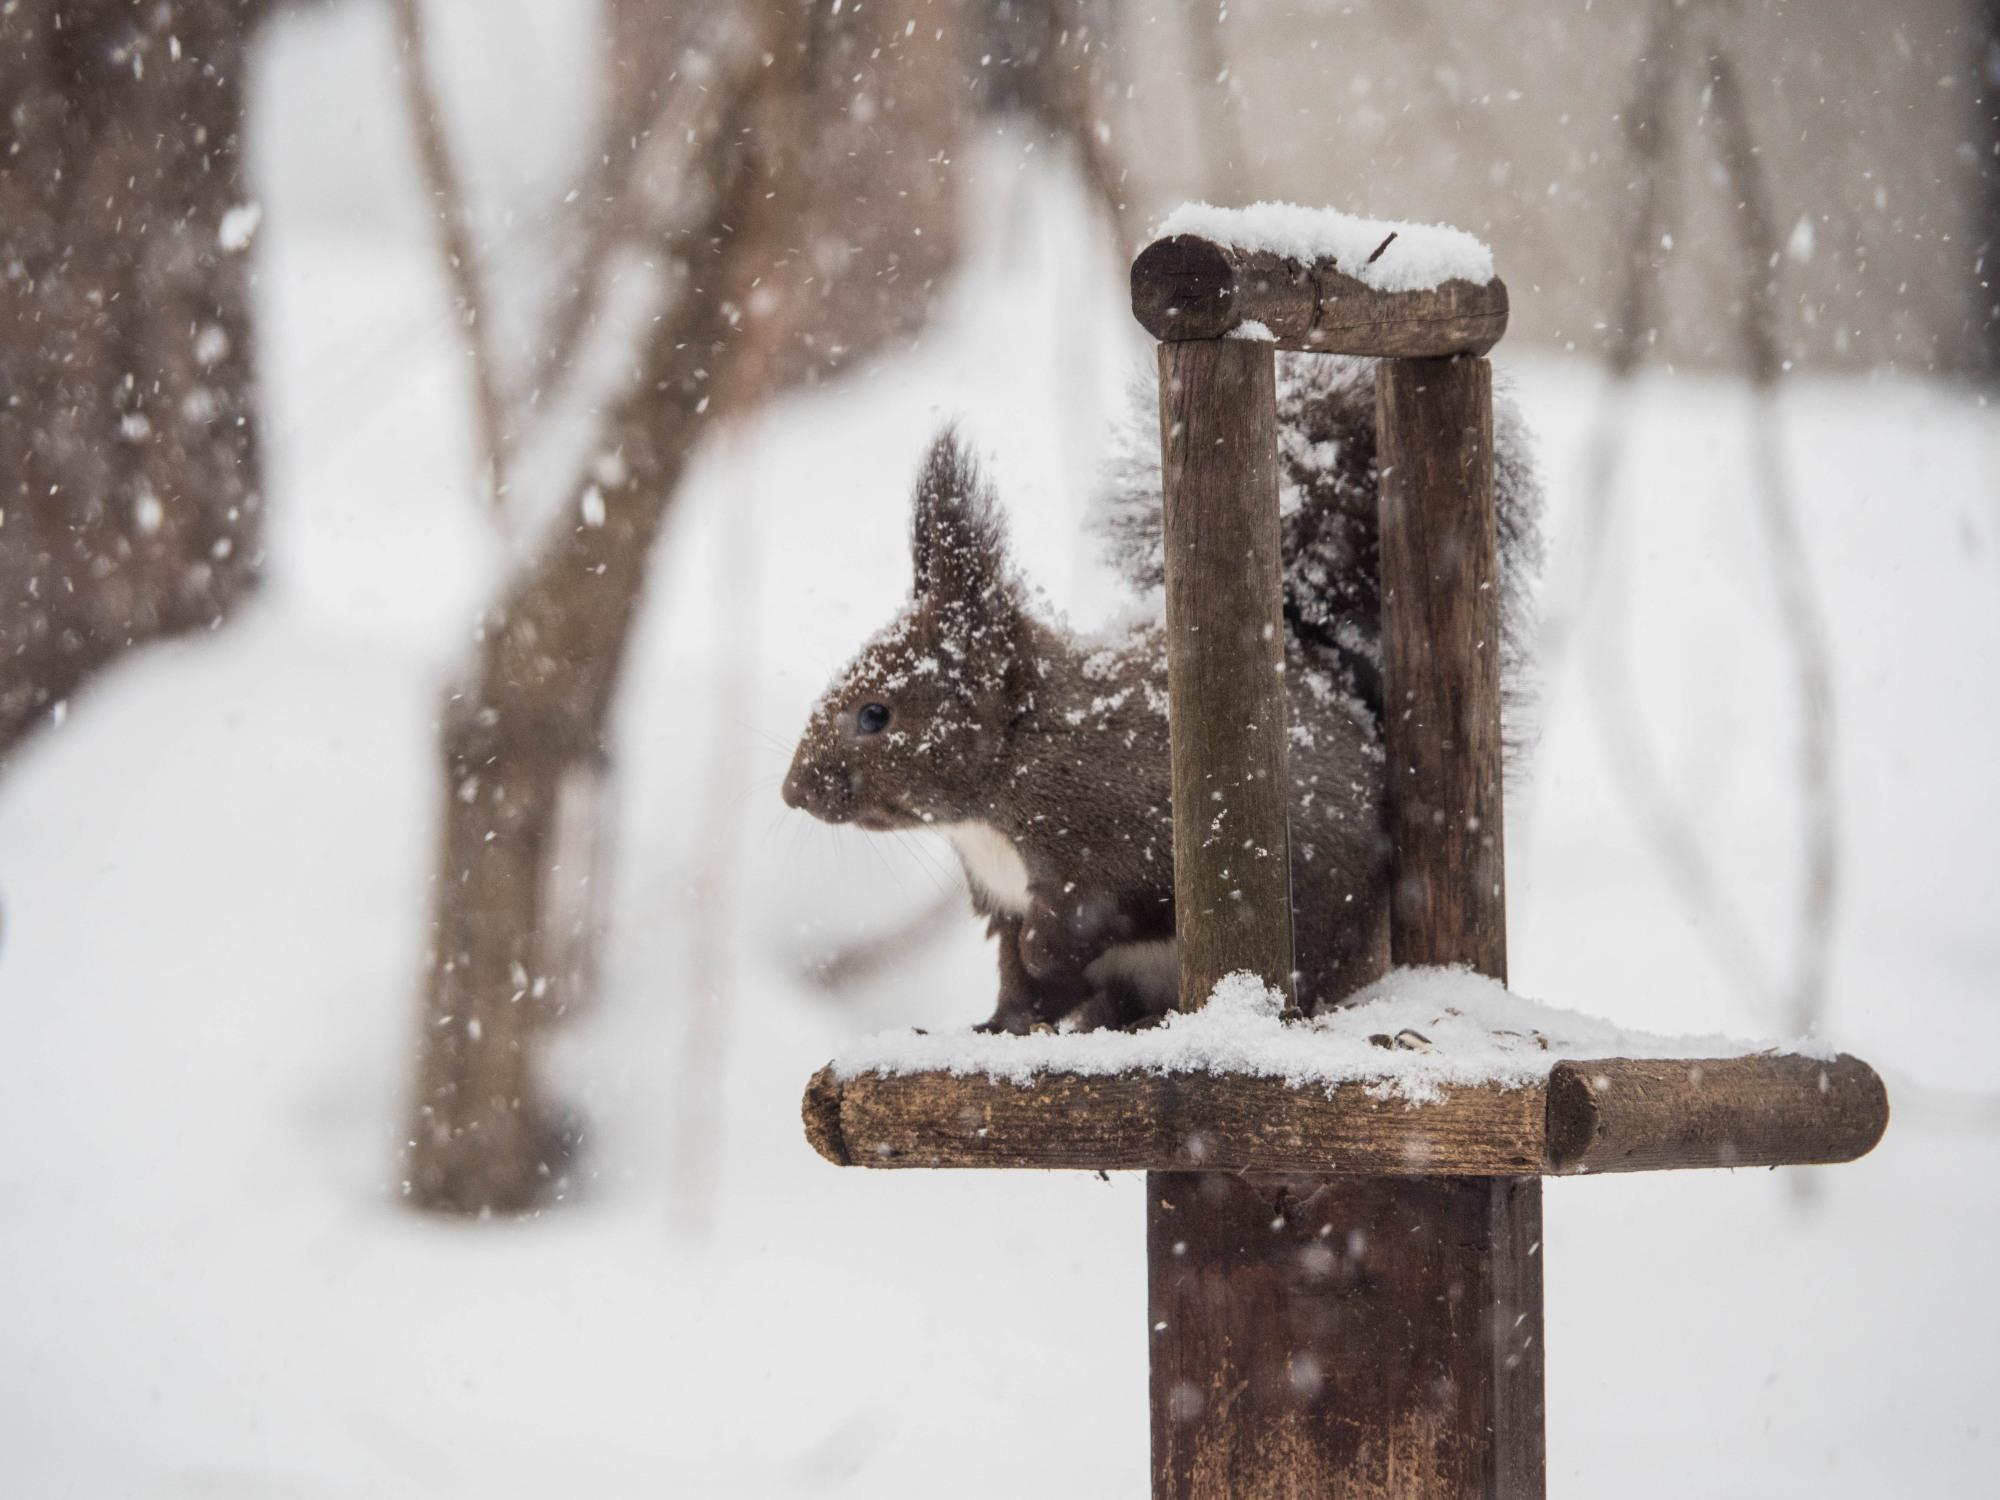 雪まみれのエゾリス君の後・・真っ赤なオオマシコさんがやって来ました。_f0276498_00361259.jpg